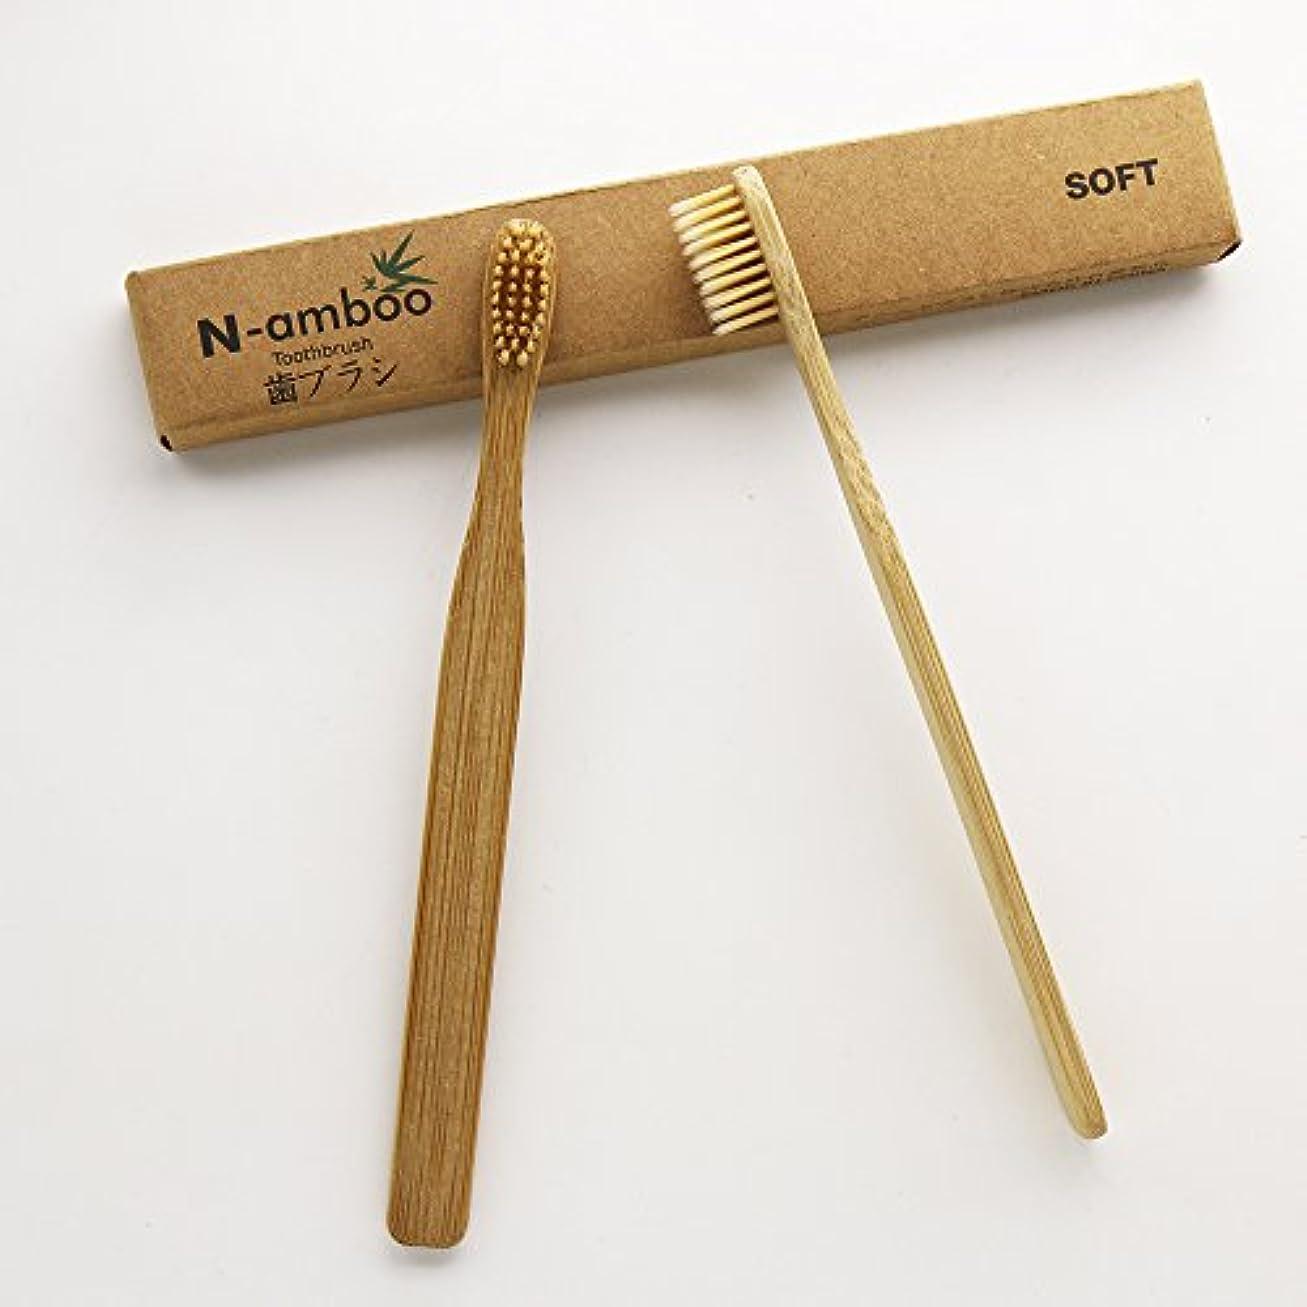 アクティビティ悔い改め煙N-amboo 竹製 歯ブラシ 高耐久性 セット エコ ハンドル大きめ ベージュ (2本)